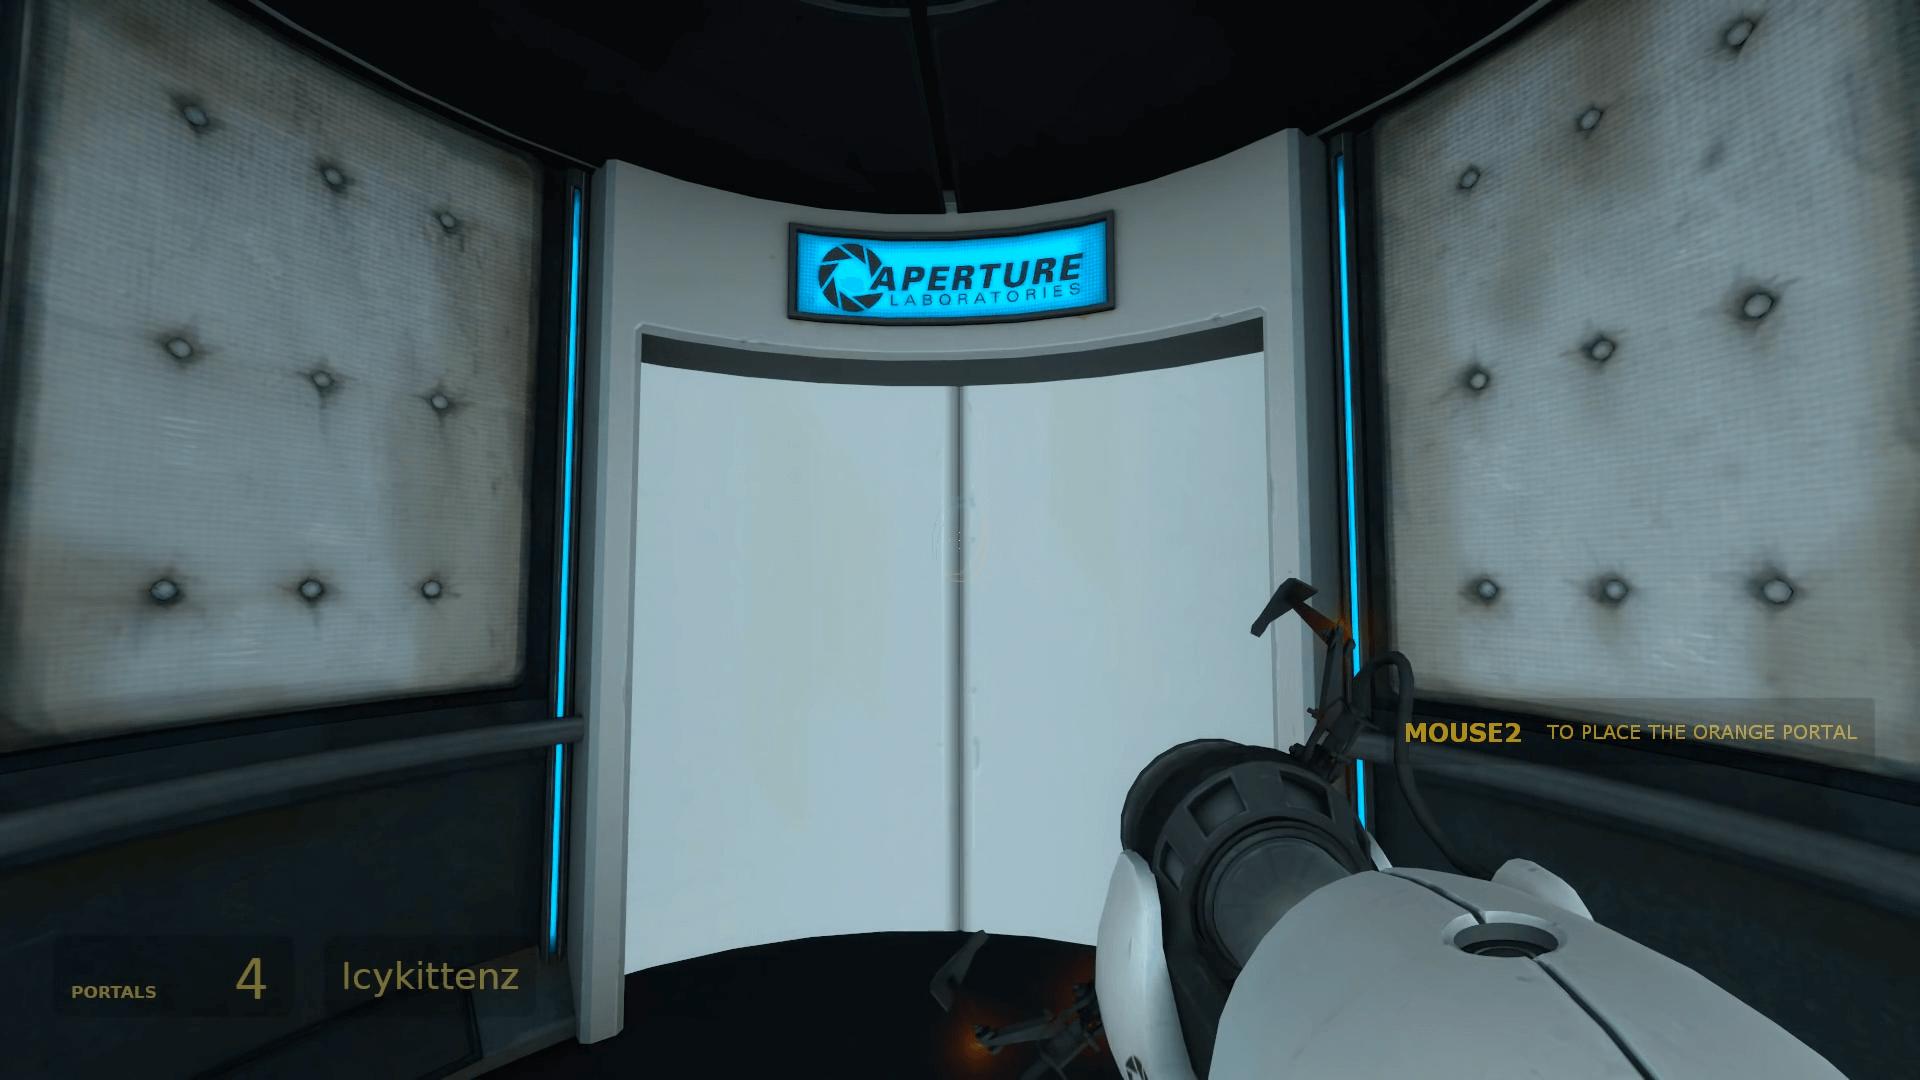 終始わけがわからない。オブジェを駆使して人気アクションパズル「Portal」を13:47でクリアする影像